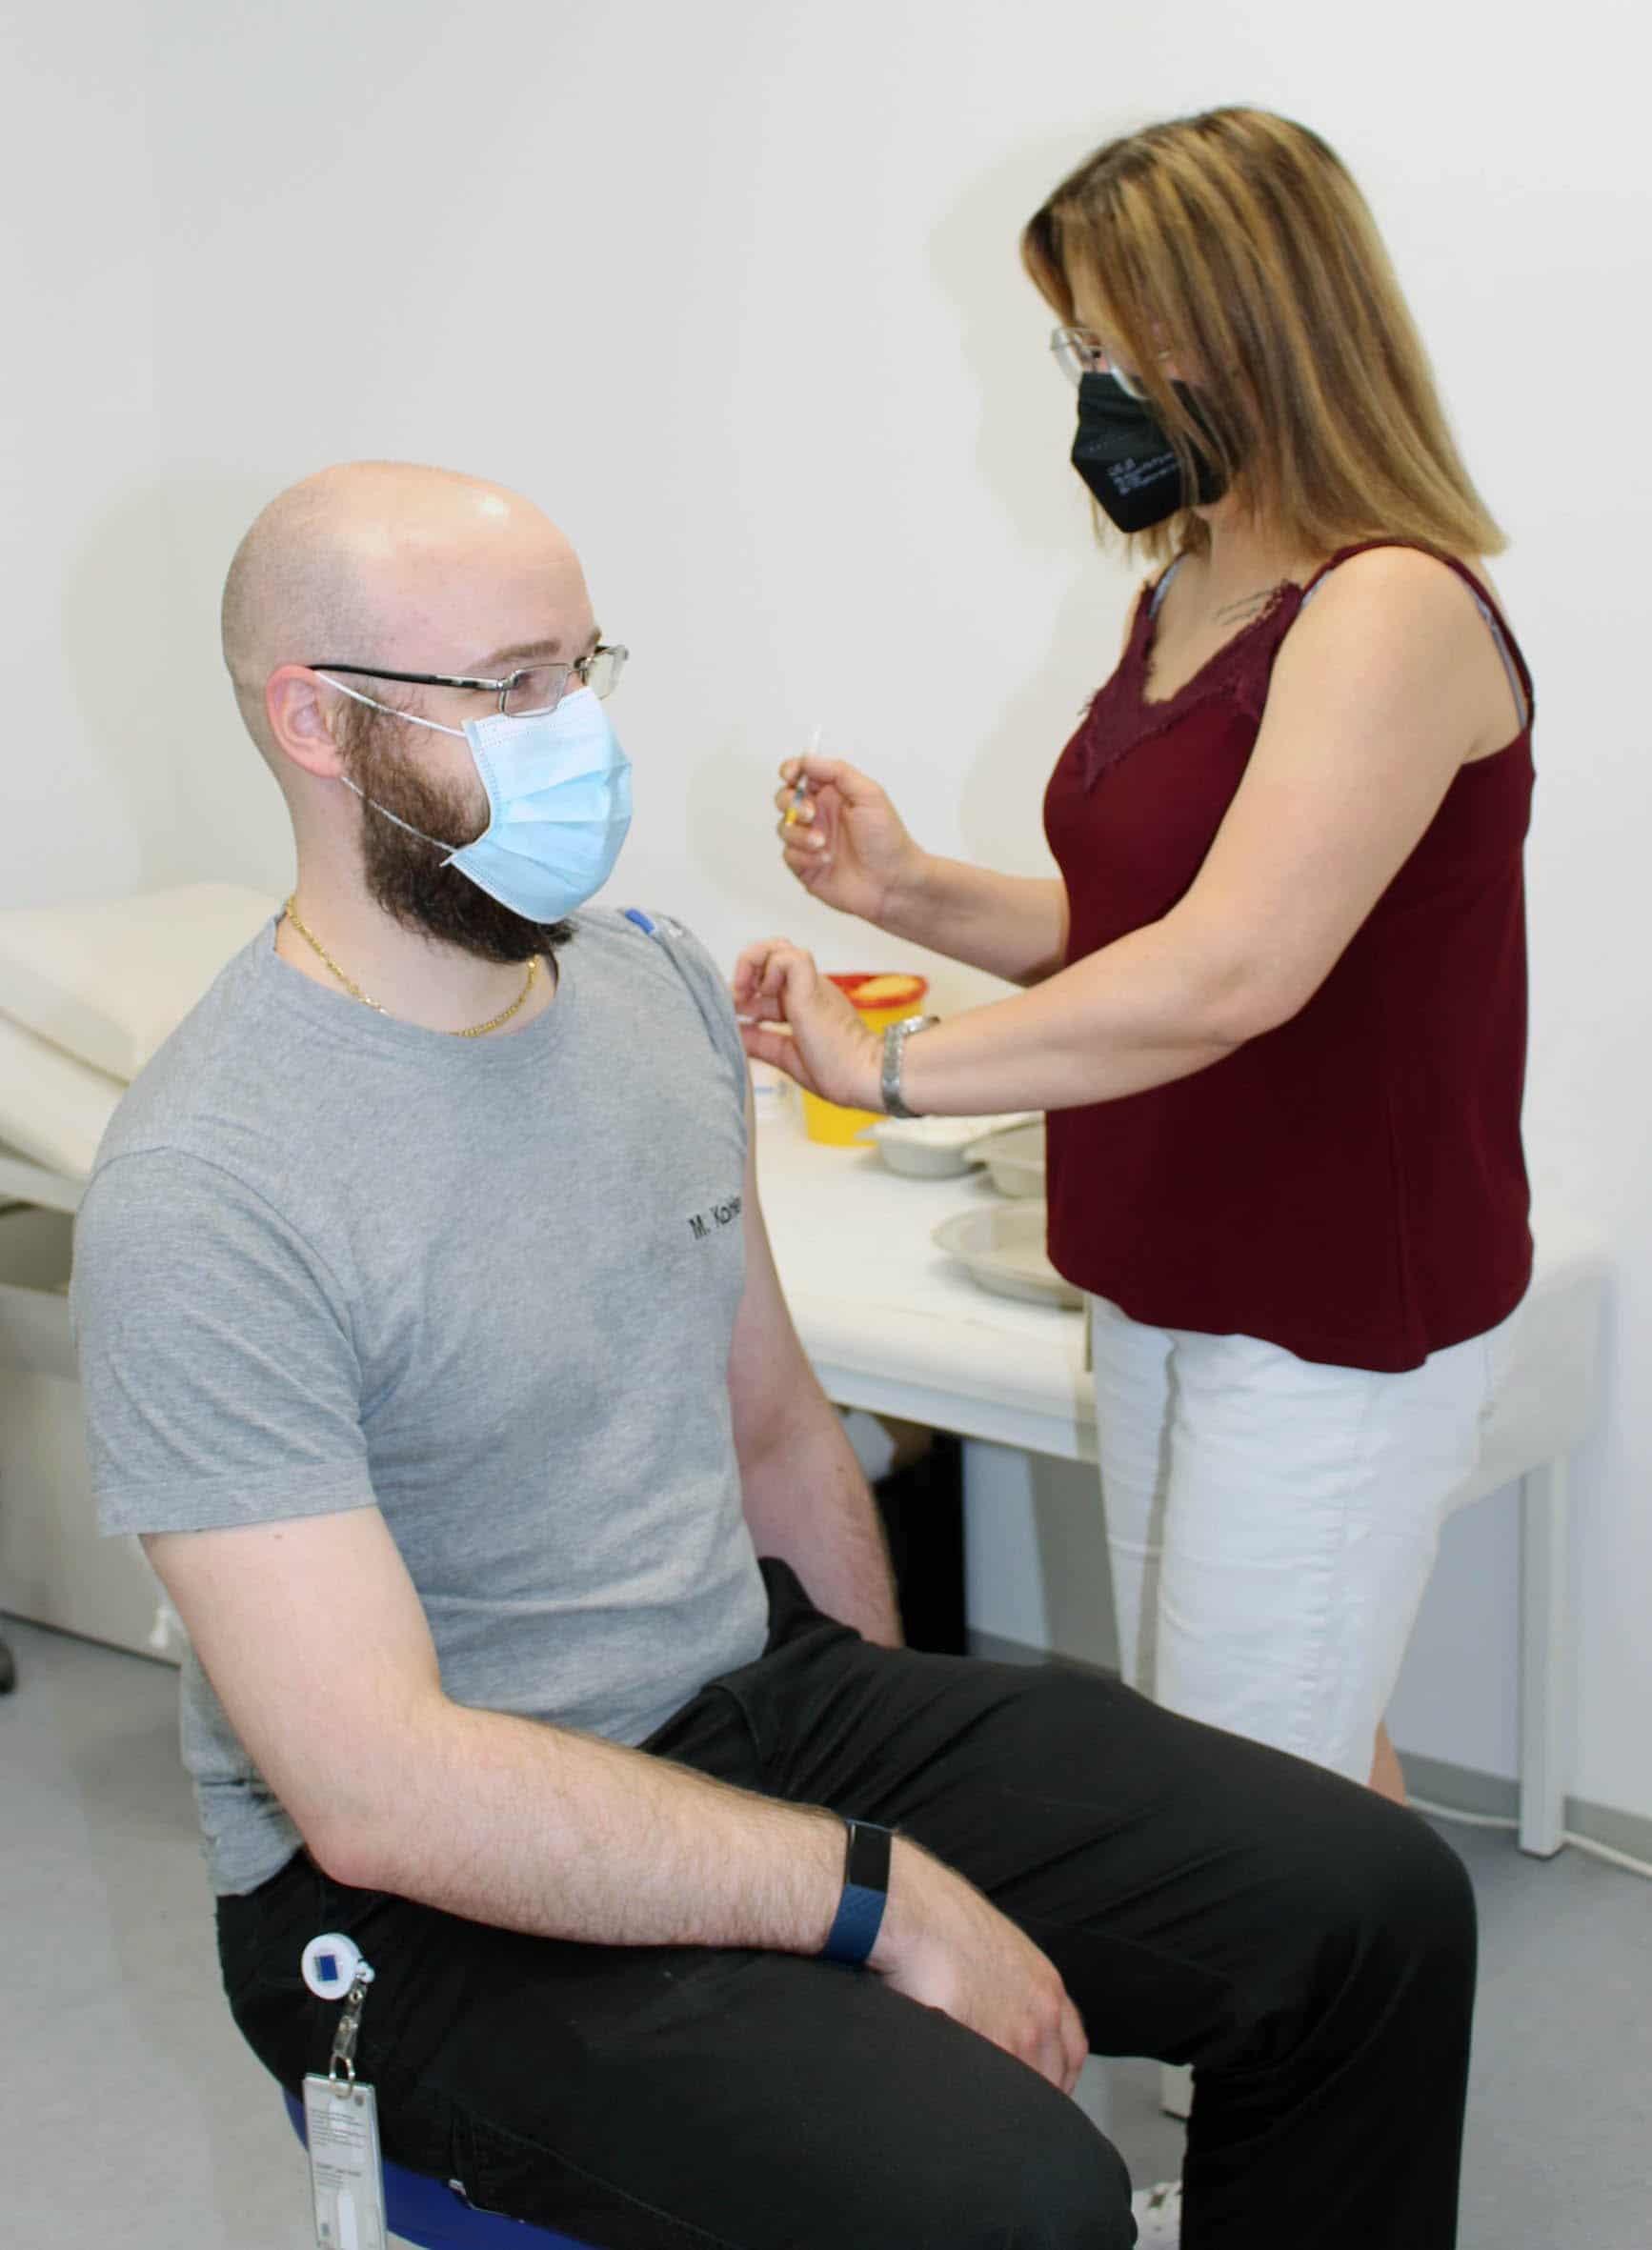 Trumpf Laser kann derzeit im eigenen Gesundheitszentrum einmal Mal pro Woche Mitarbeitende impfen. Foto: TRUMPF